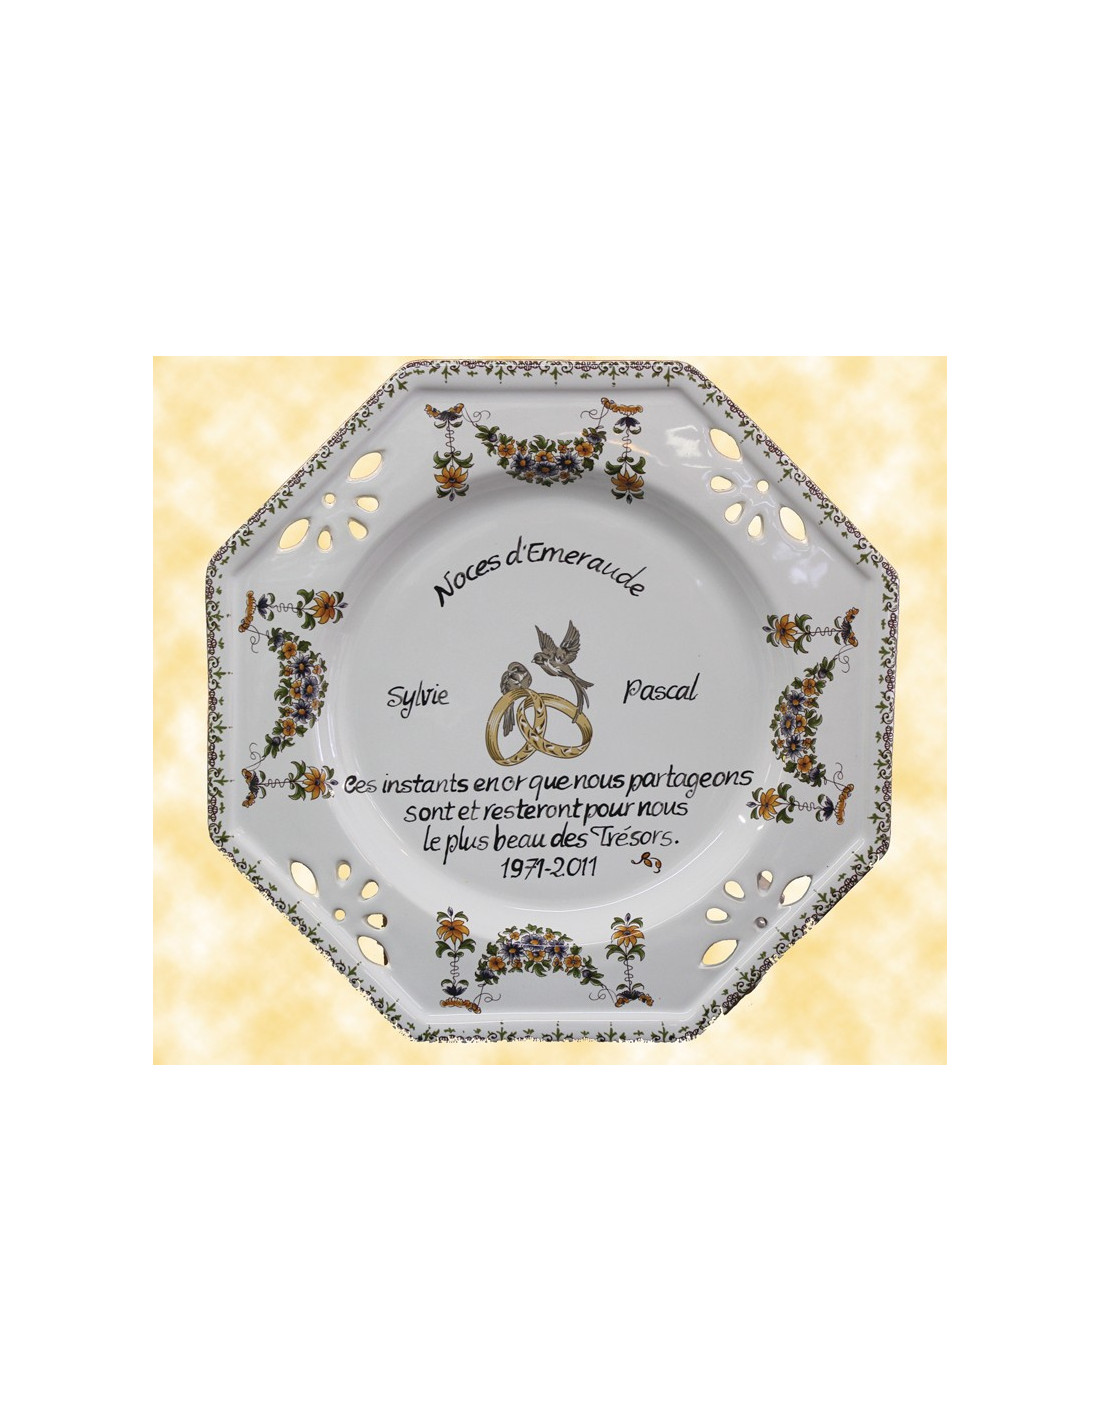 Assiette de mariage octogonale d cor tradition vieux moustiers avec po me noces d 39 emeraude le - Cadeau 50 ans de mariage noces d or ...